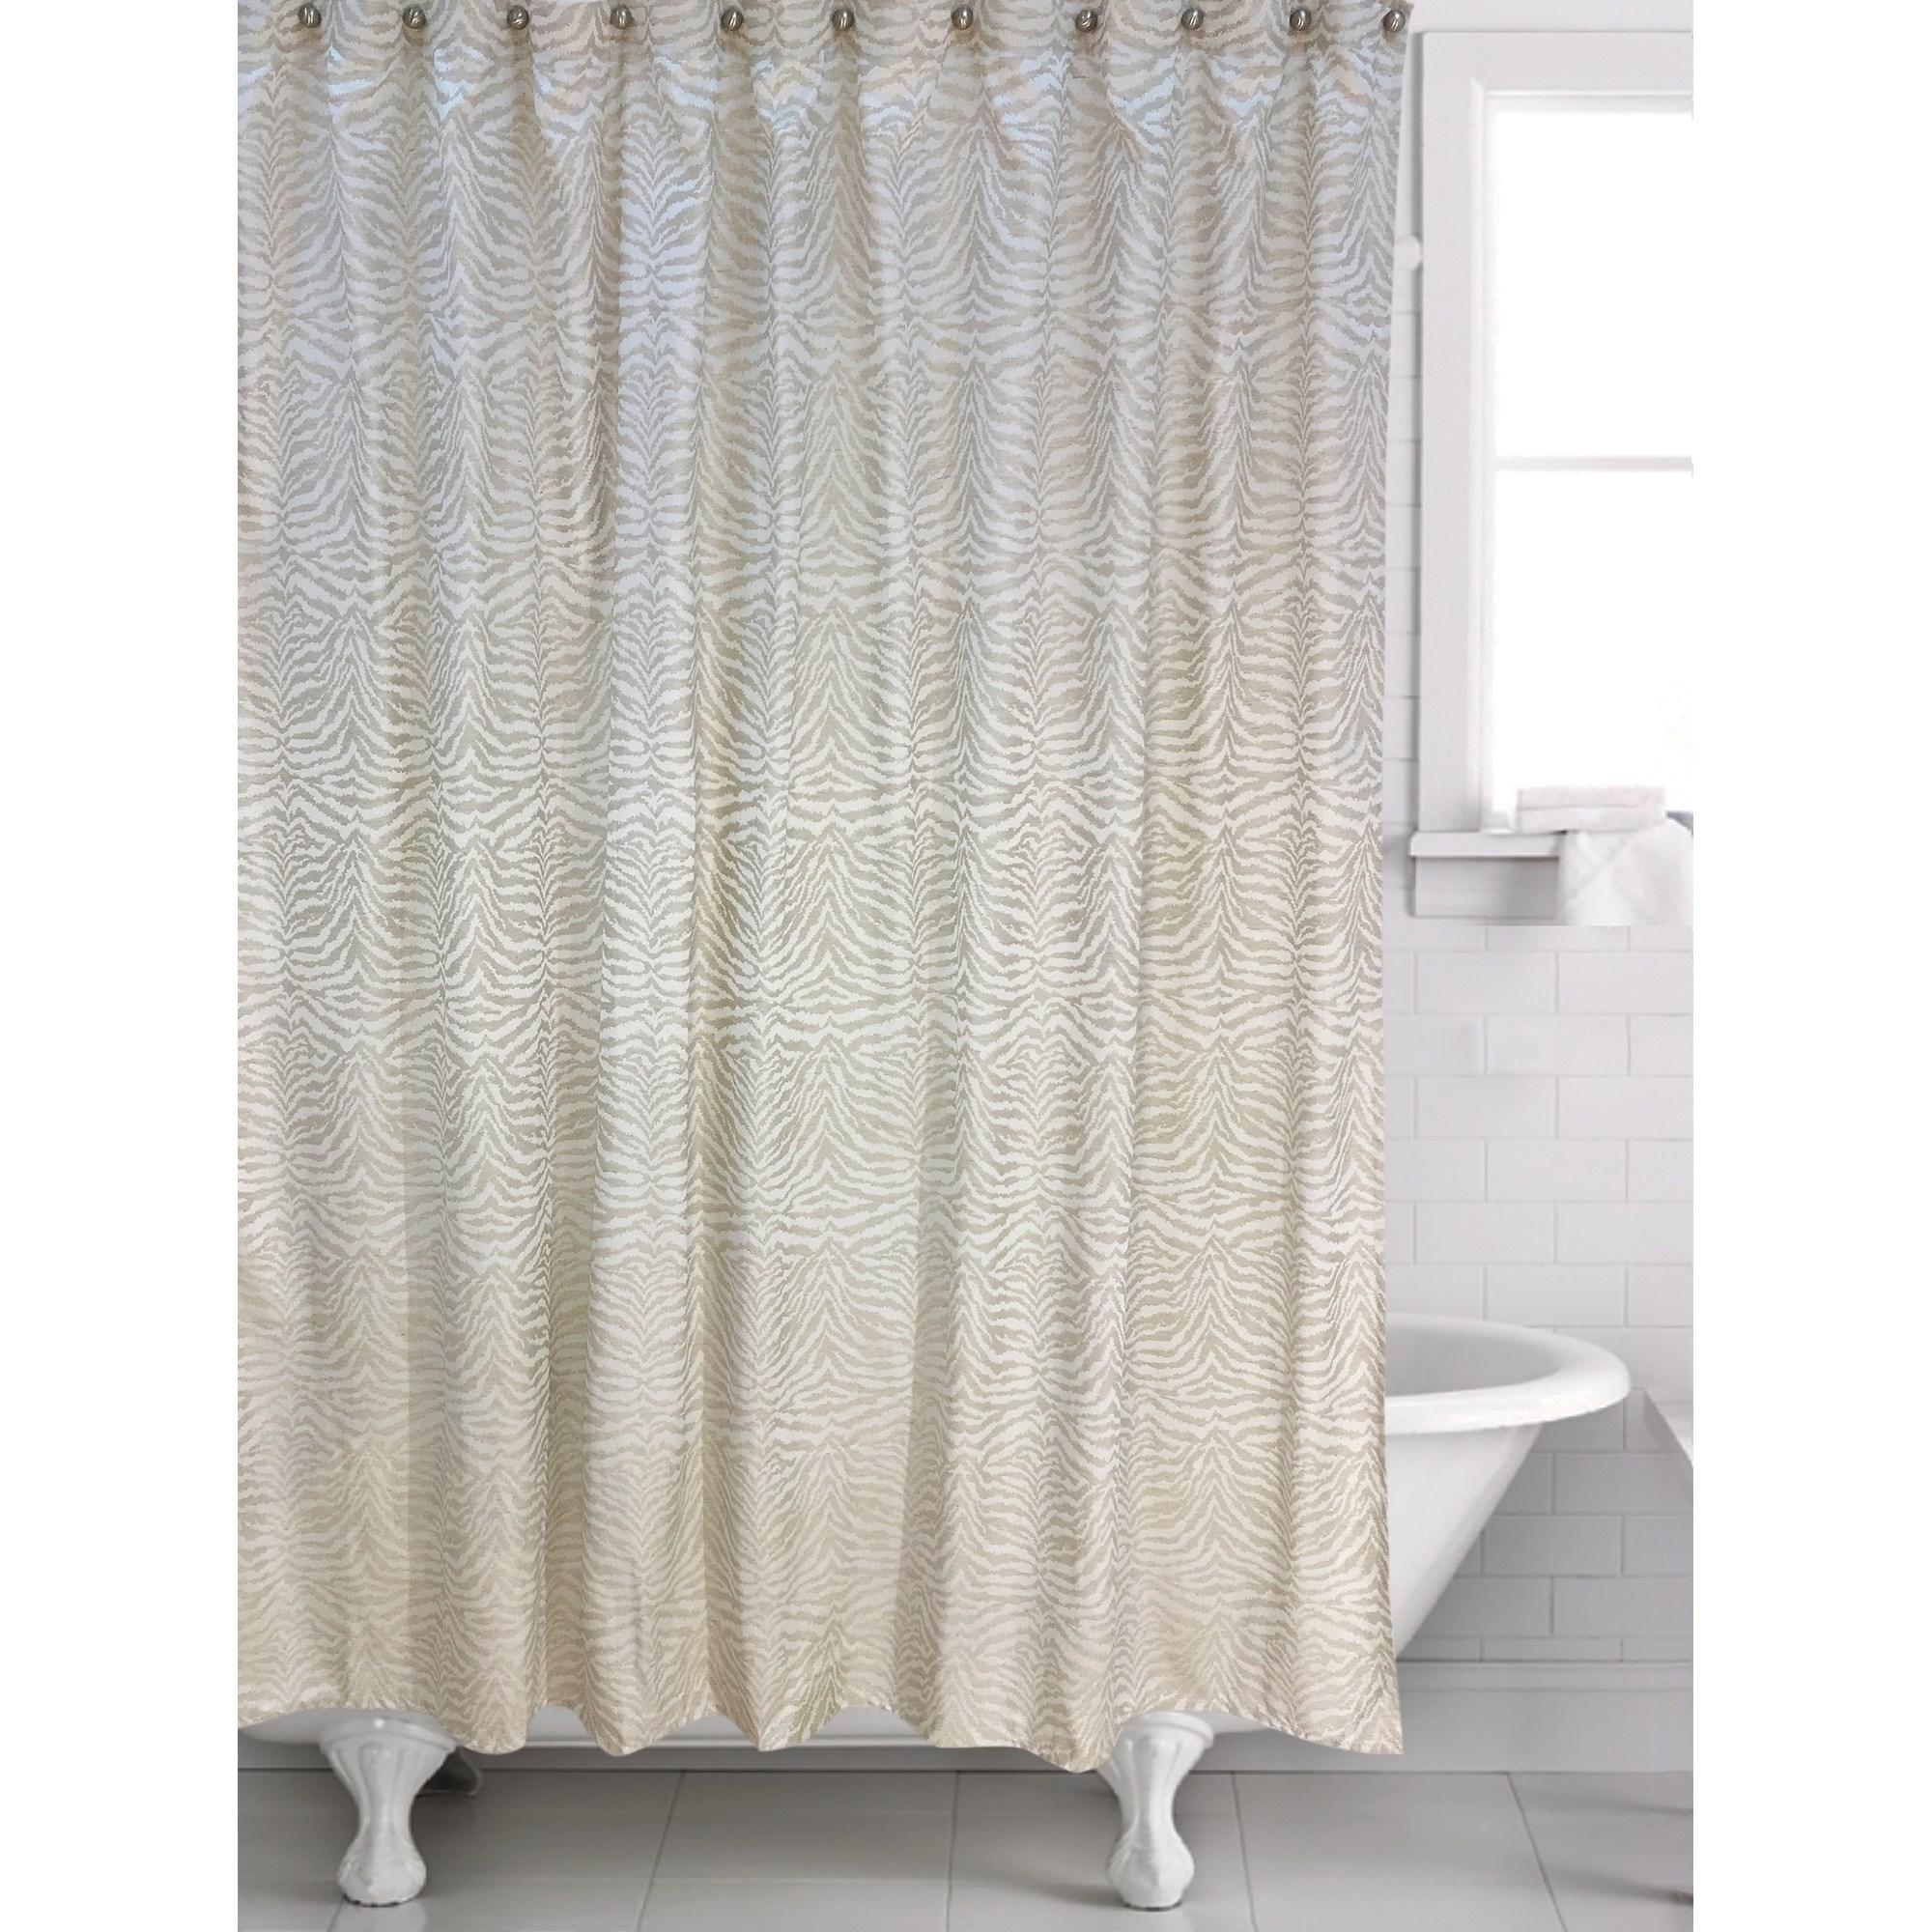 Zebra Shower Curtain 70 X 72 Machine Wash Brown Polyester